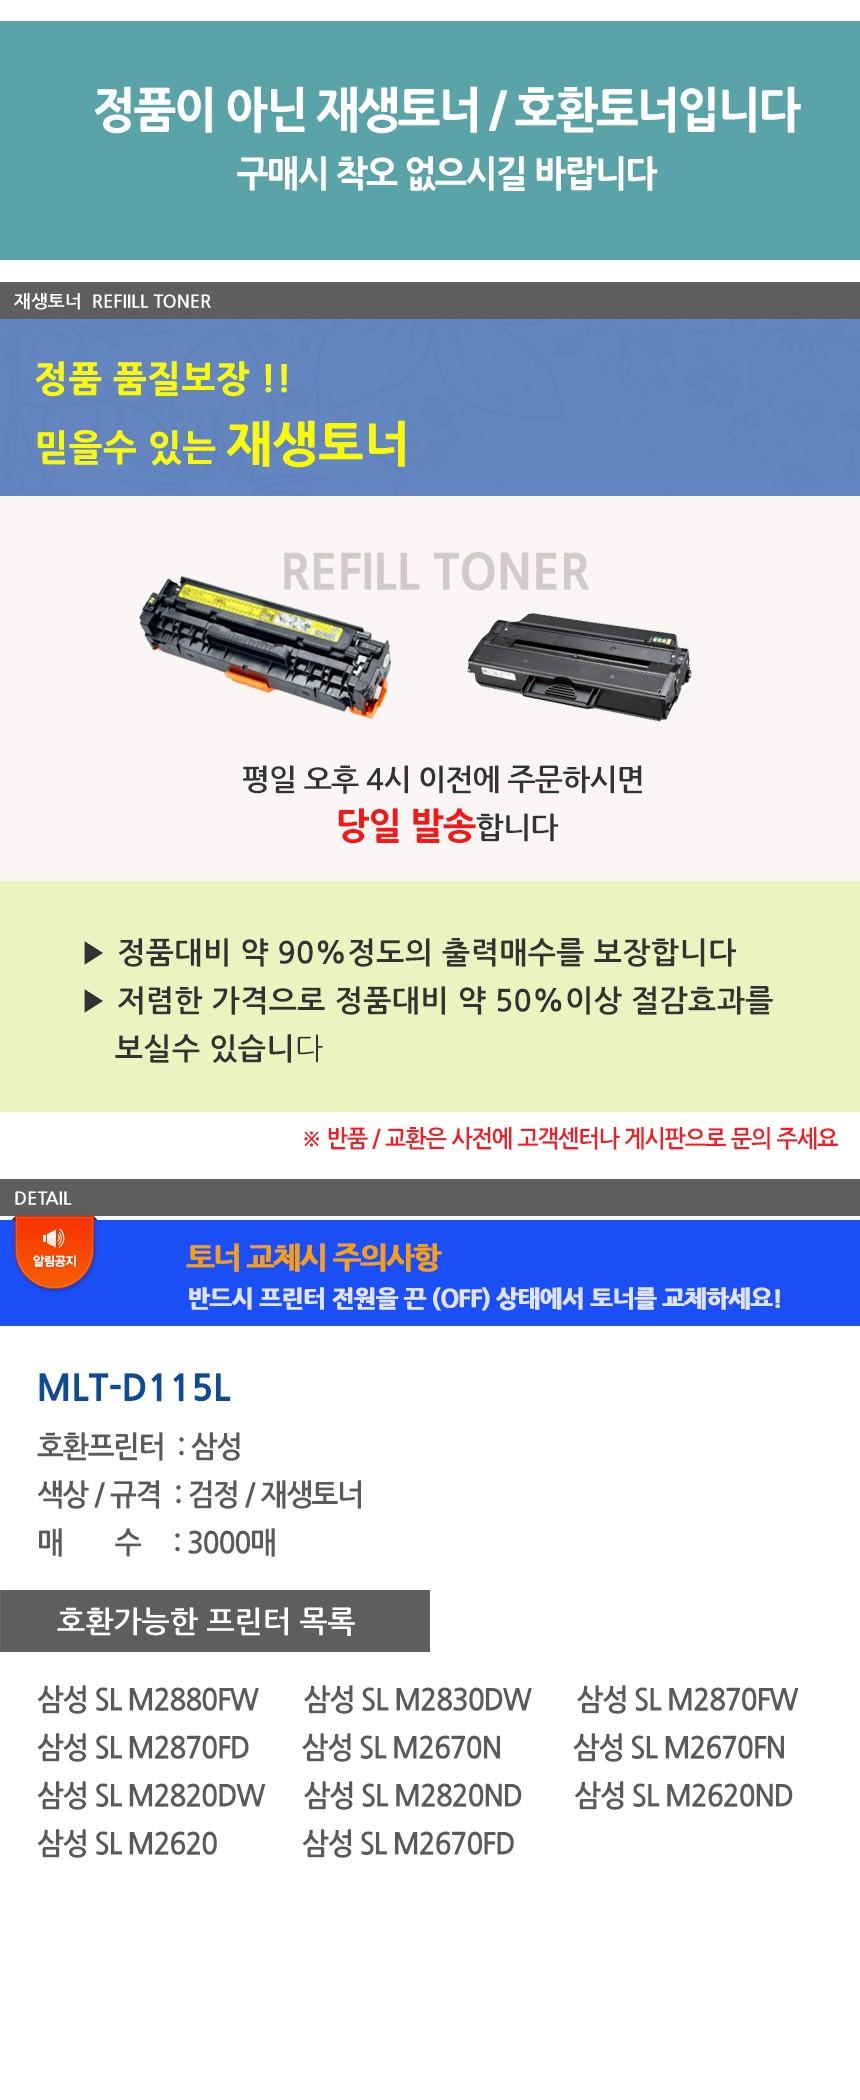 RT_MLT-D115L-d1.jpg